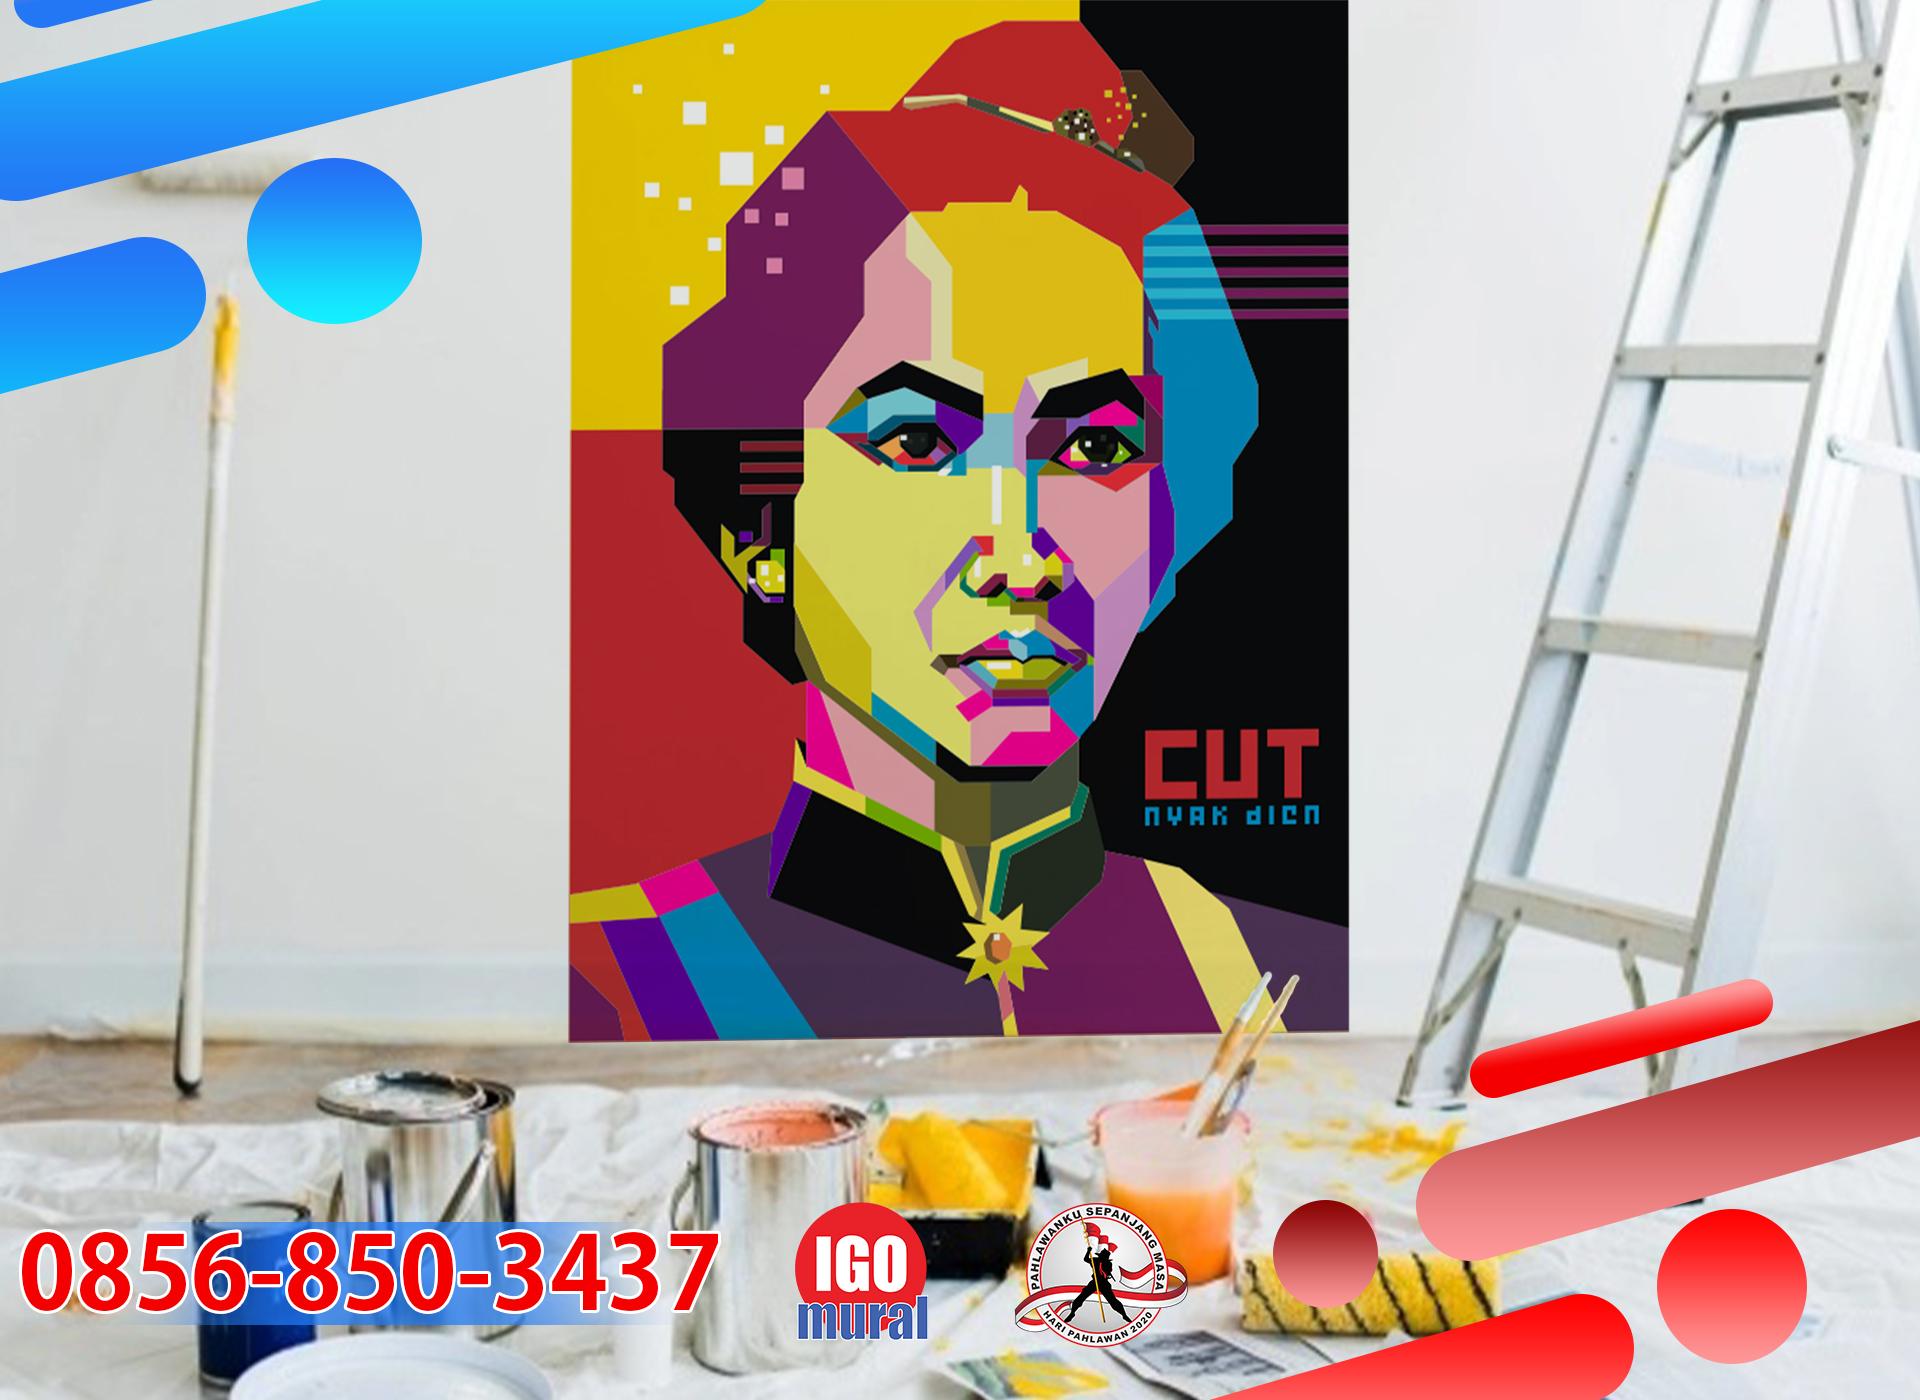 gambar mural pahlawan cut nyak dien